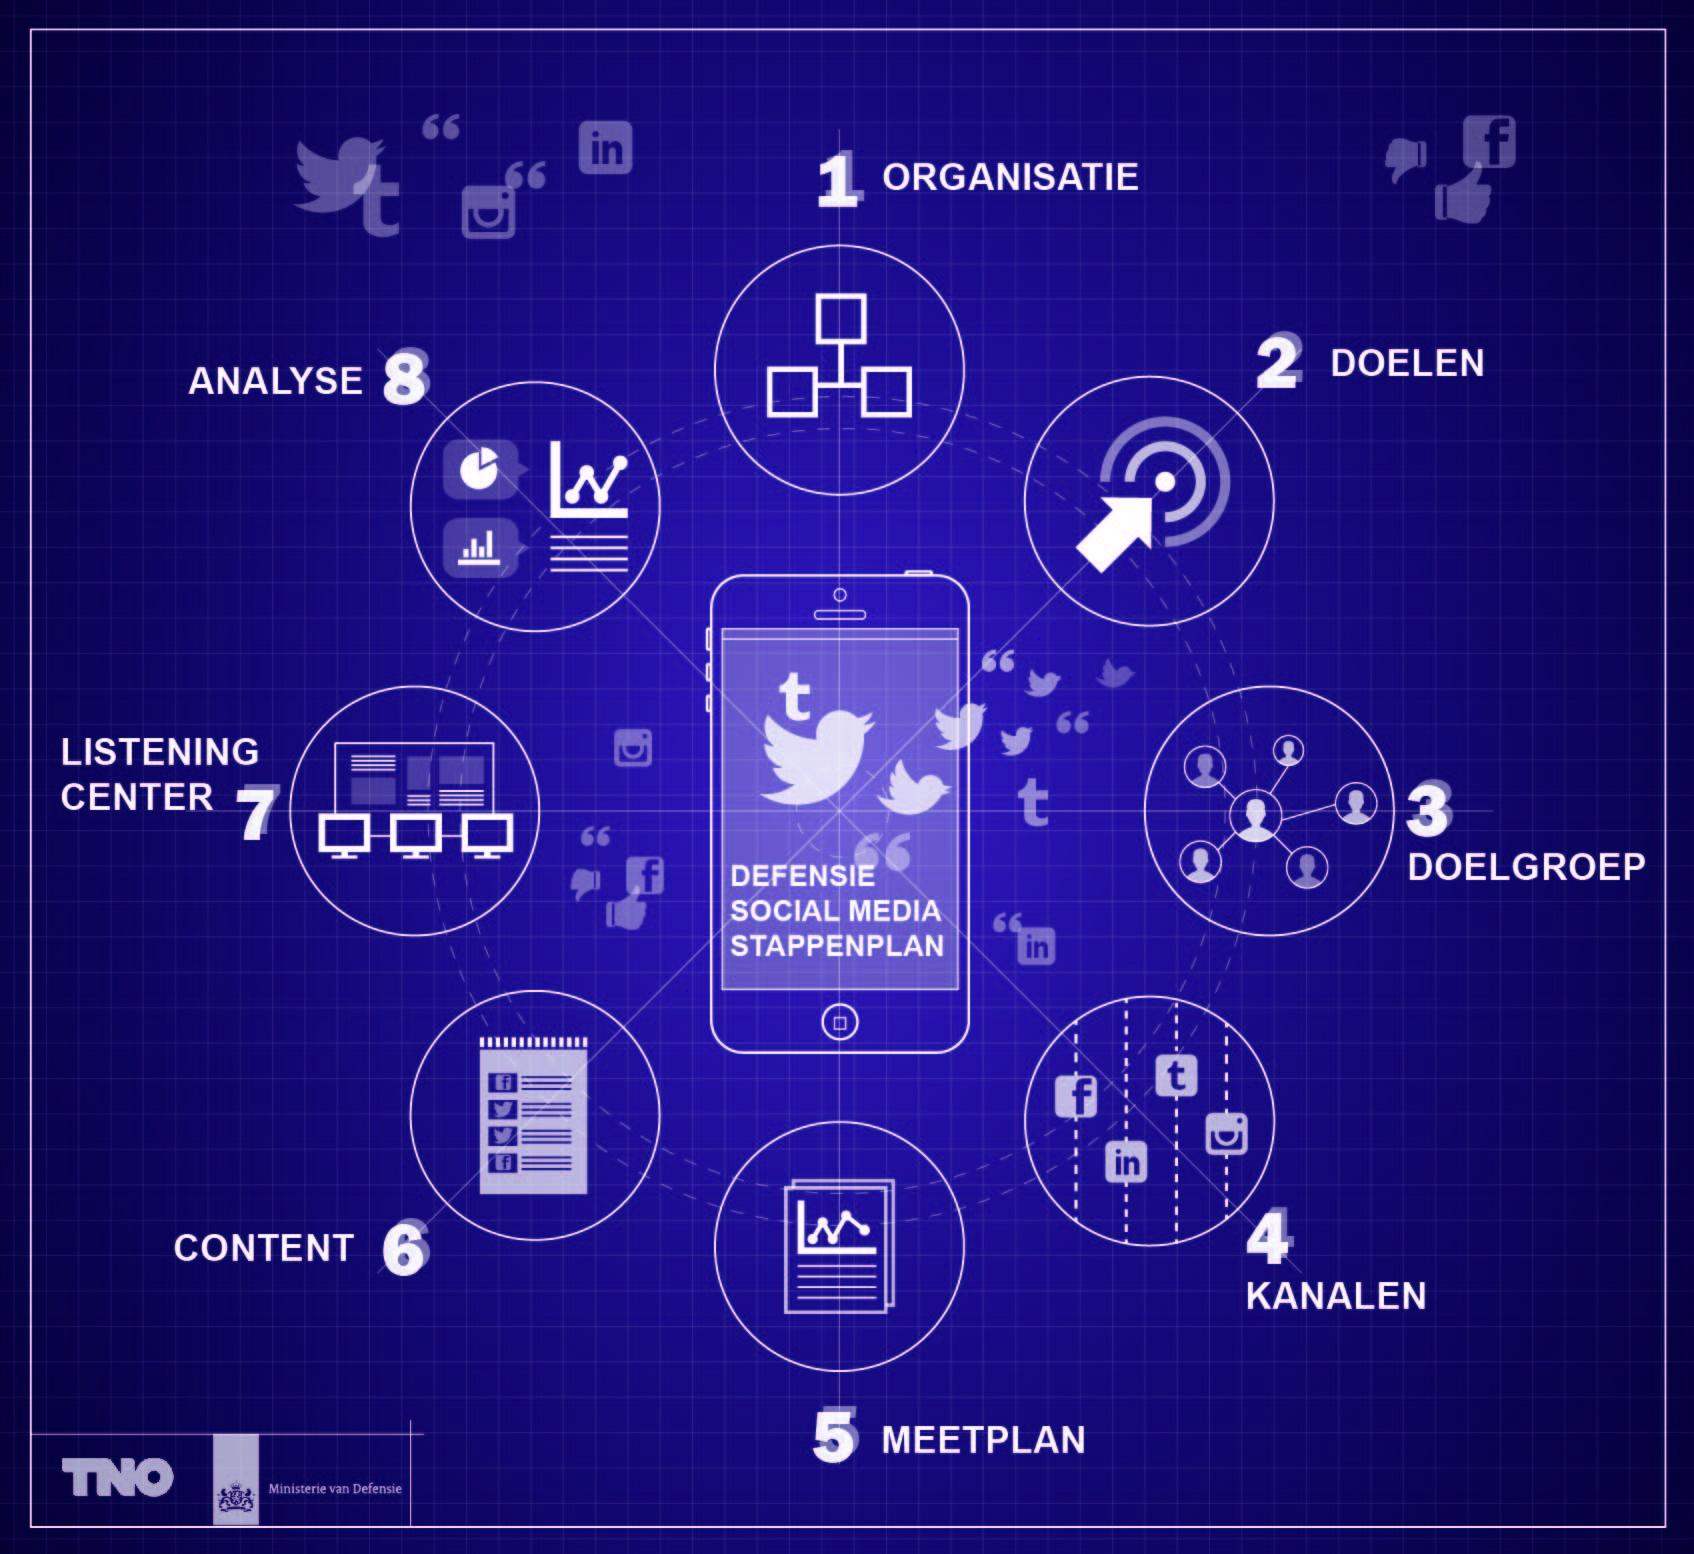 Defensie social media strategie